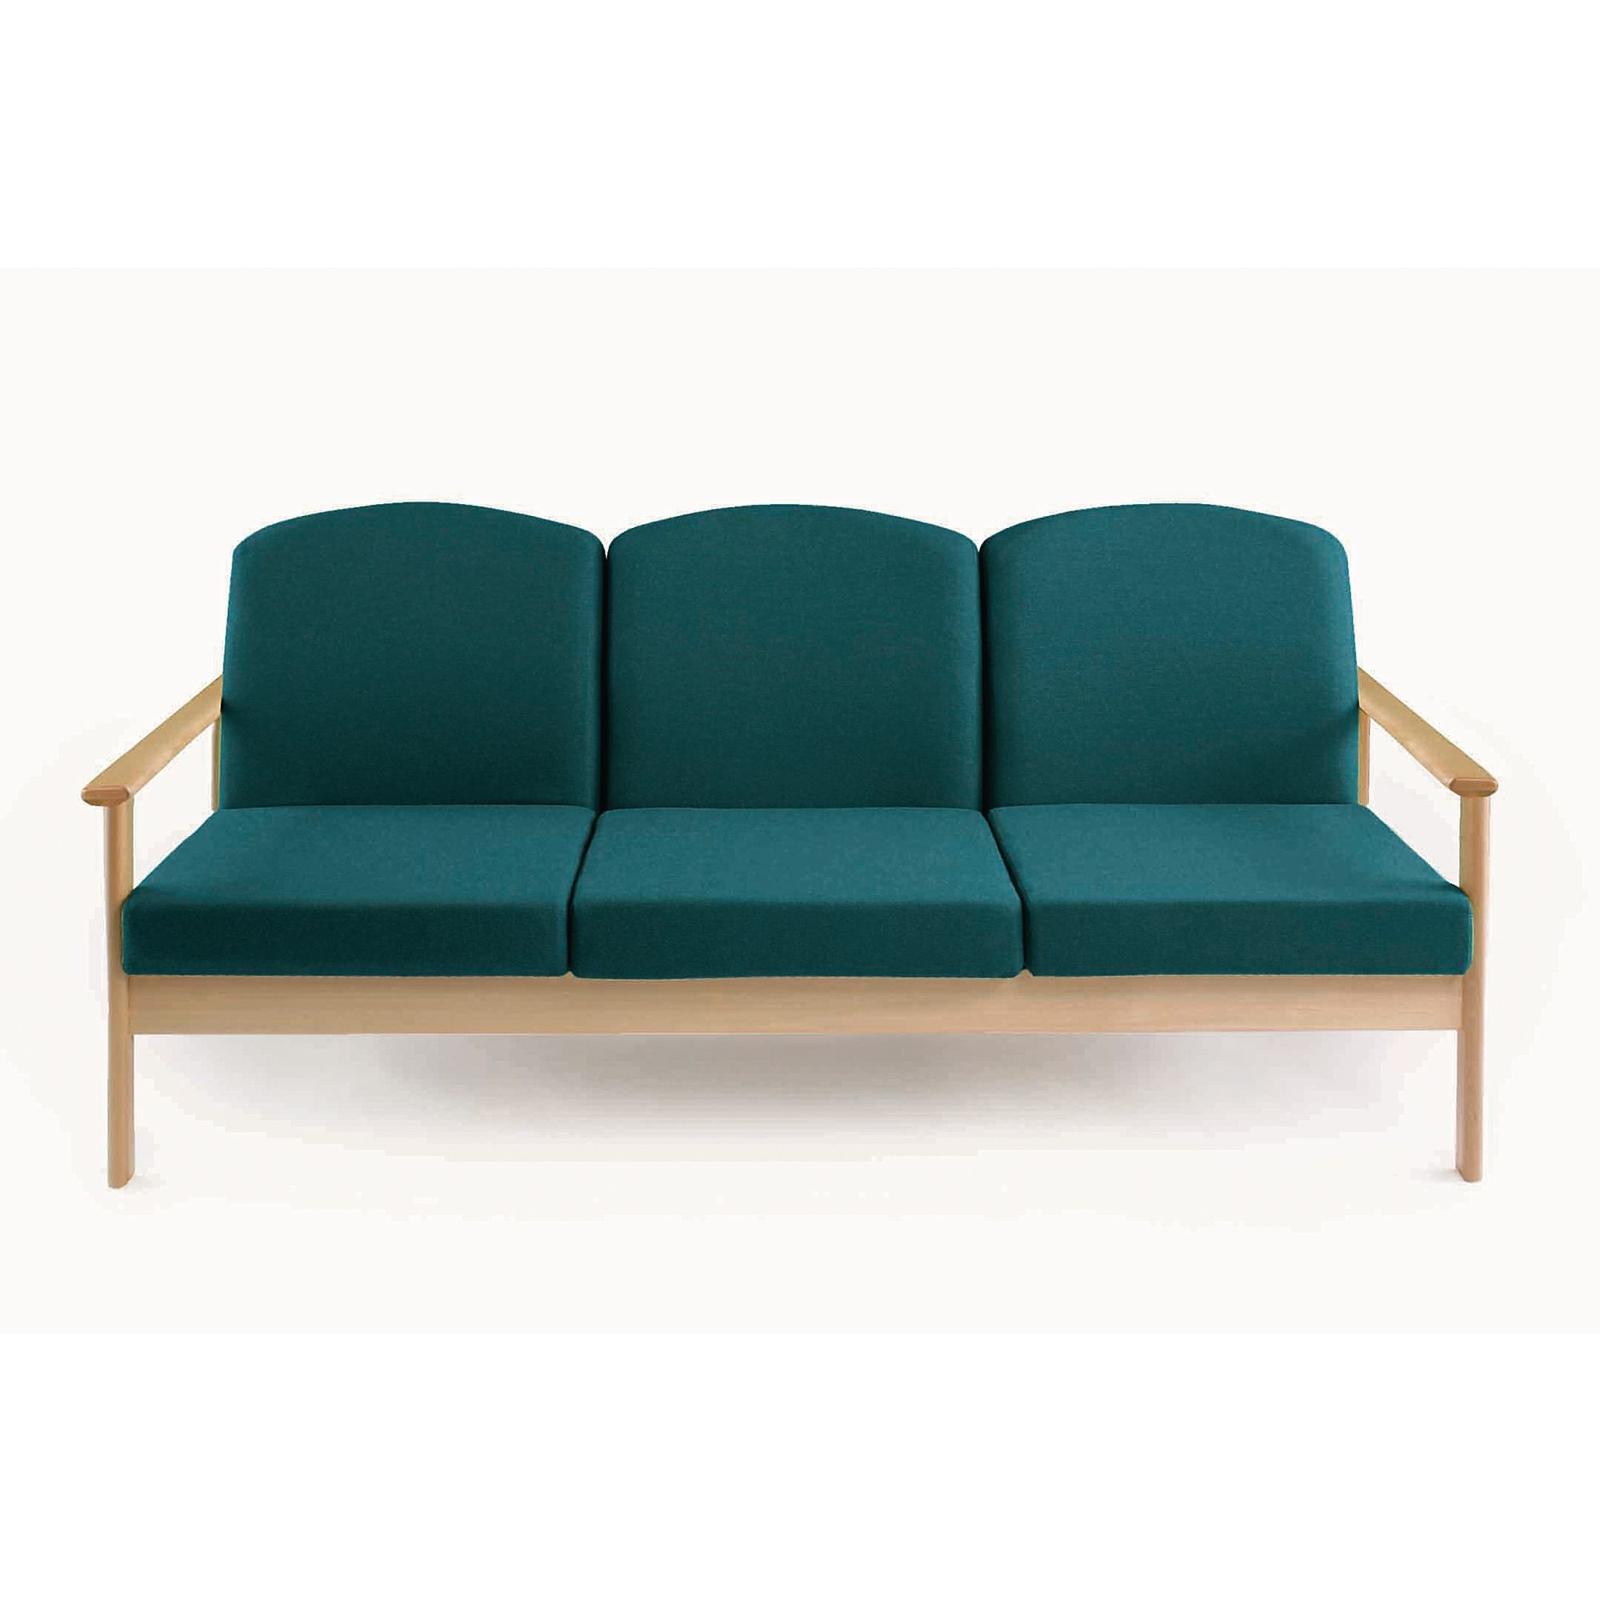 Thatcher 3 Seater - Claret